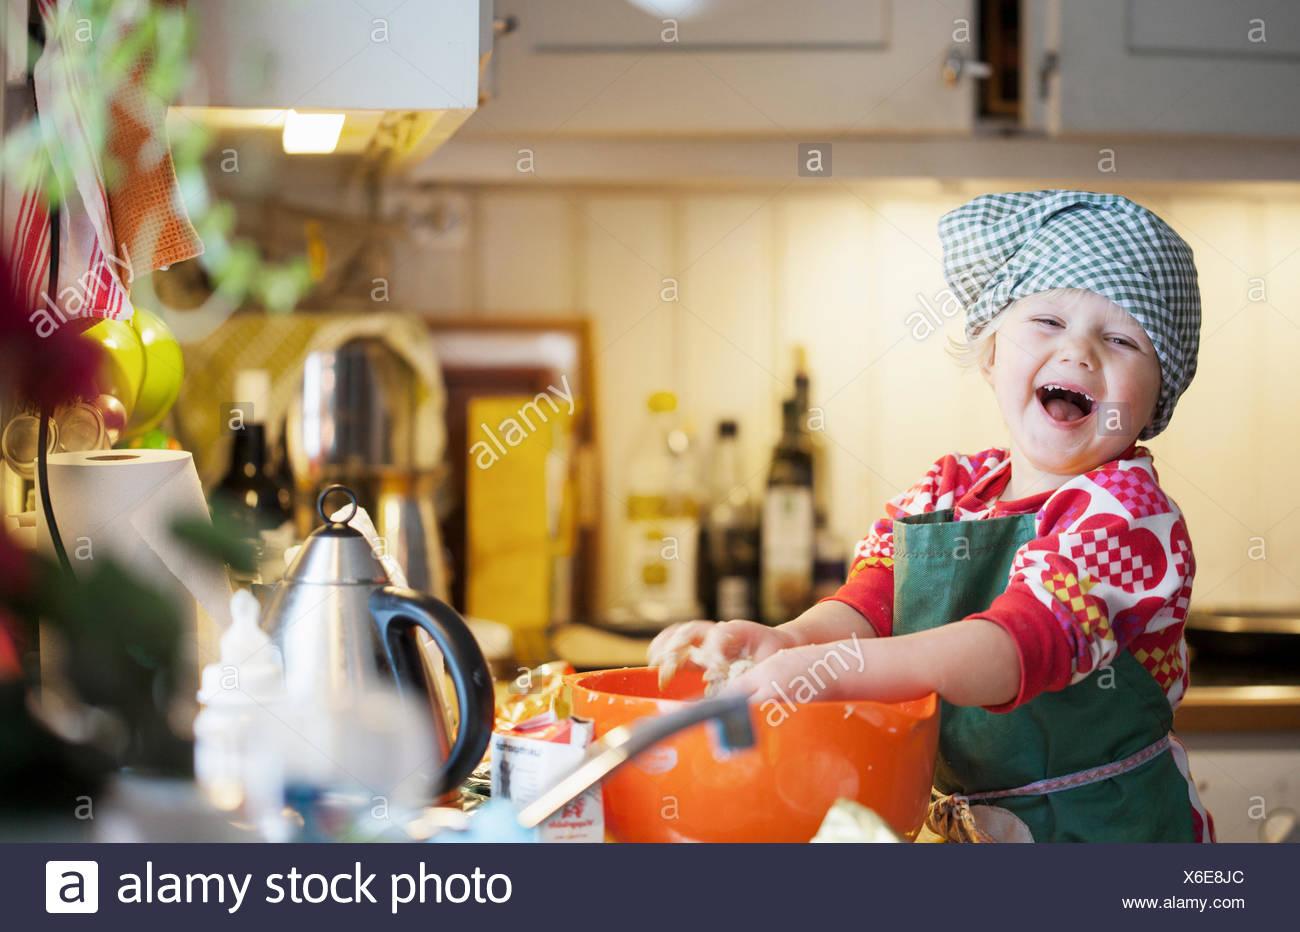 Una niña feliz en una Cocina Cocción Imagen De Stock